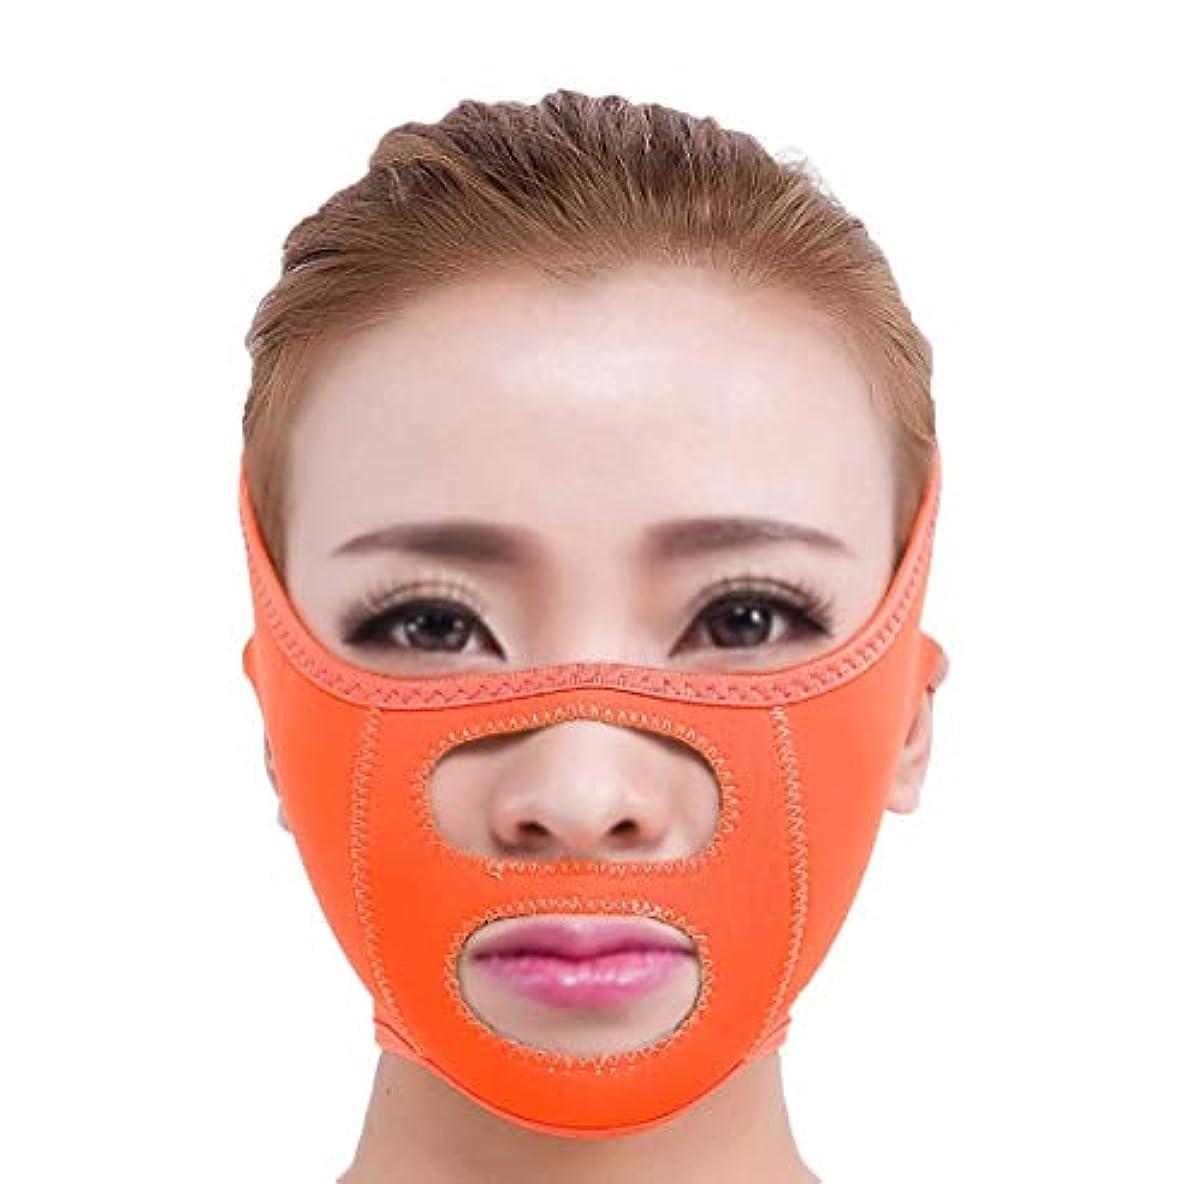 レイアウトレビュアー人差し指HEMFV 顔の頬のV形状は、通気性の圧縮二重あごが包帯を減らしてスムーズな薄いマスクストラップフェイスラインをリフトアップ (Color : Orange)